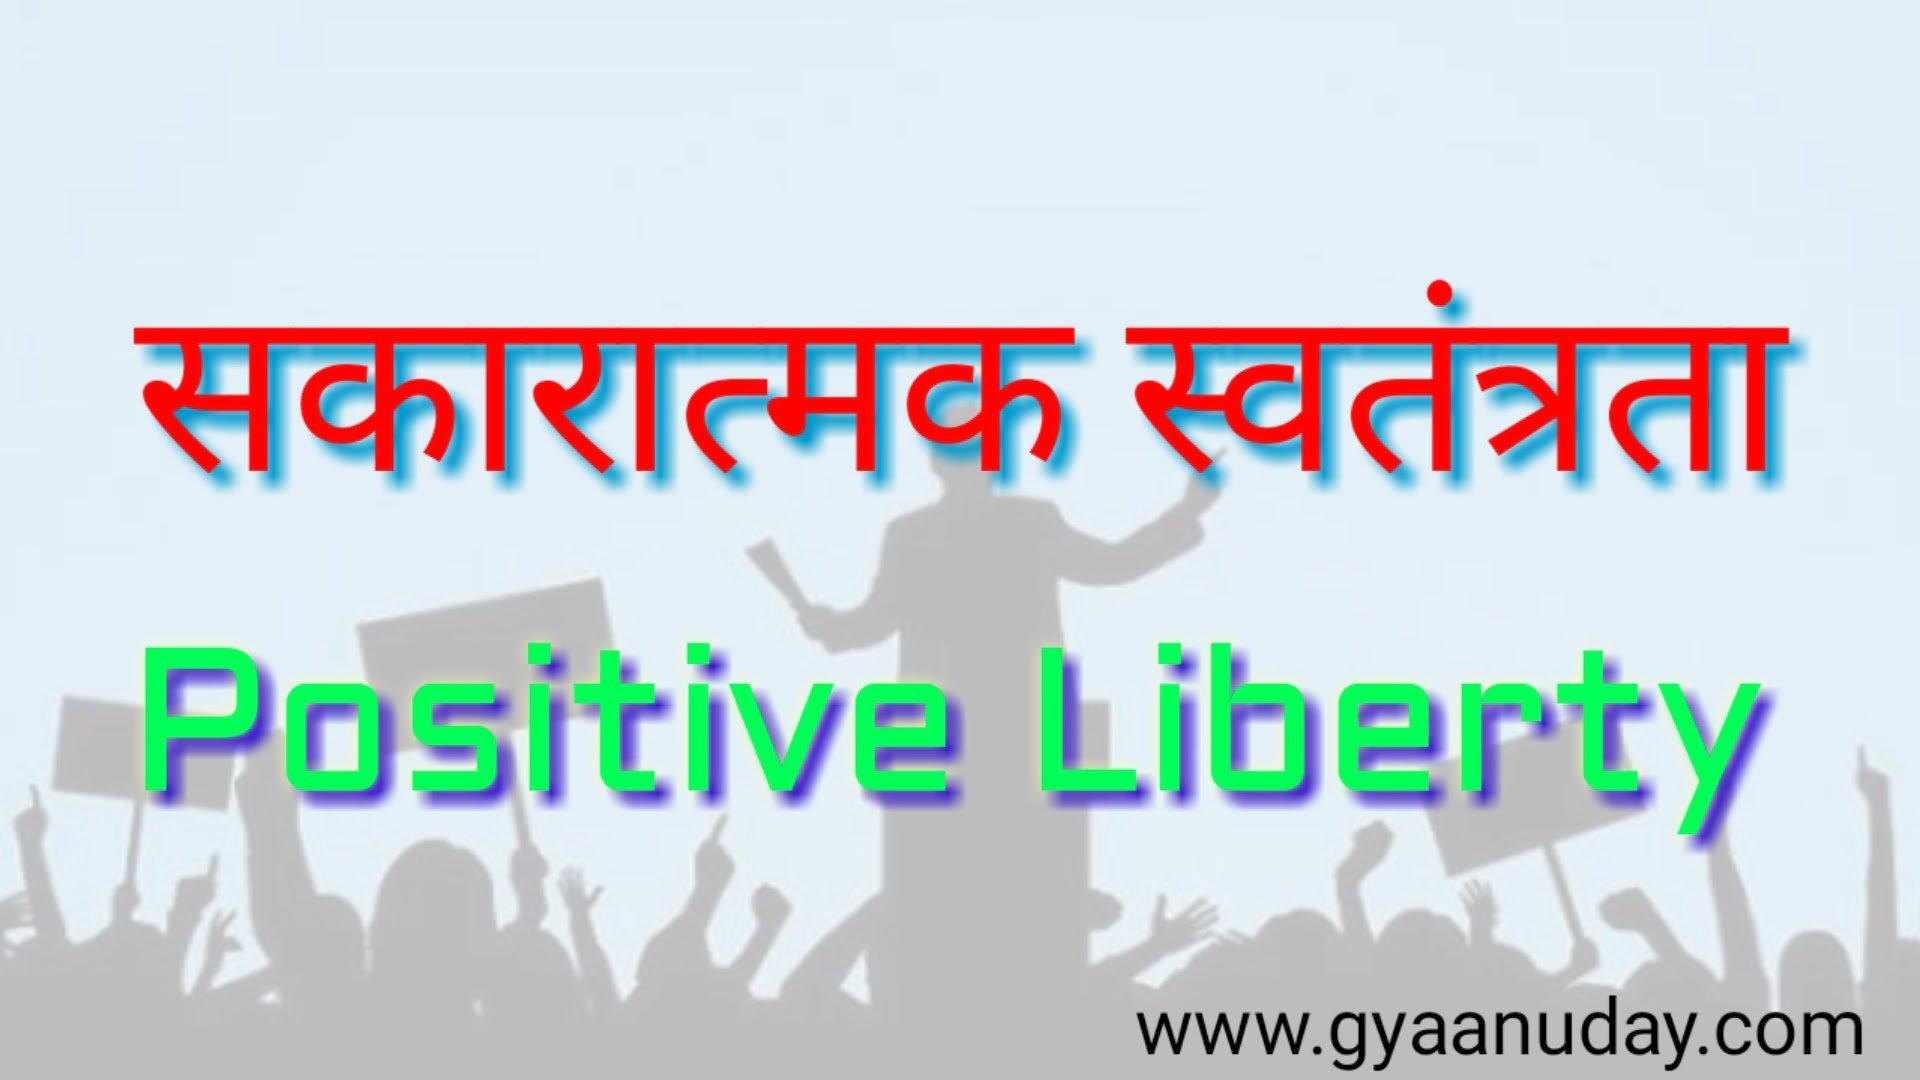 सकारात्मक स्वतंत्रता